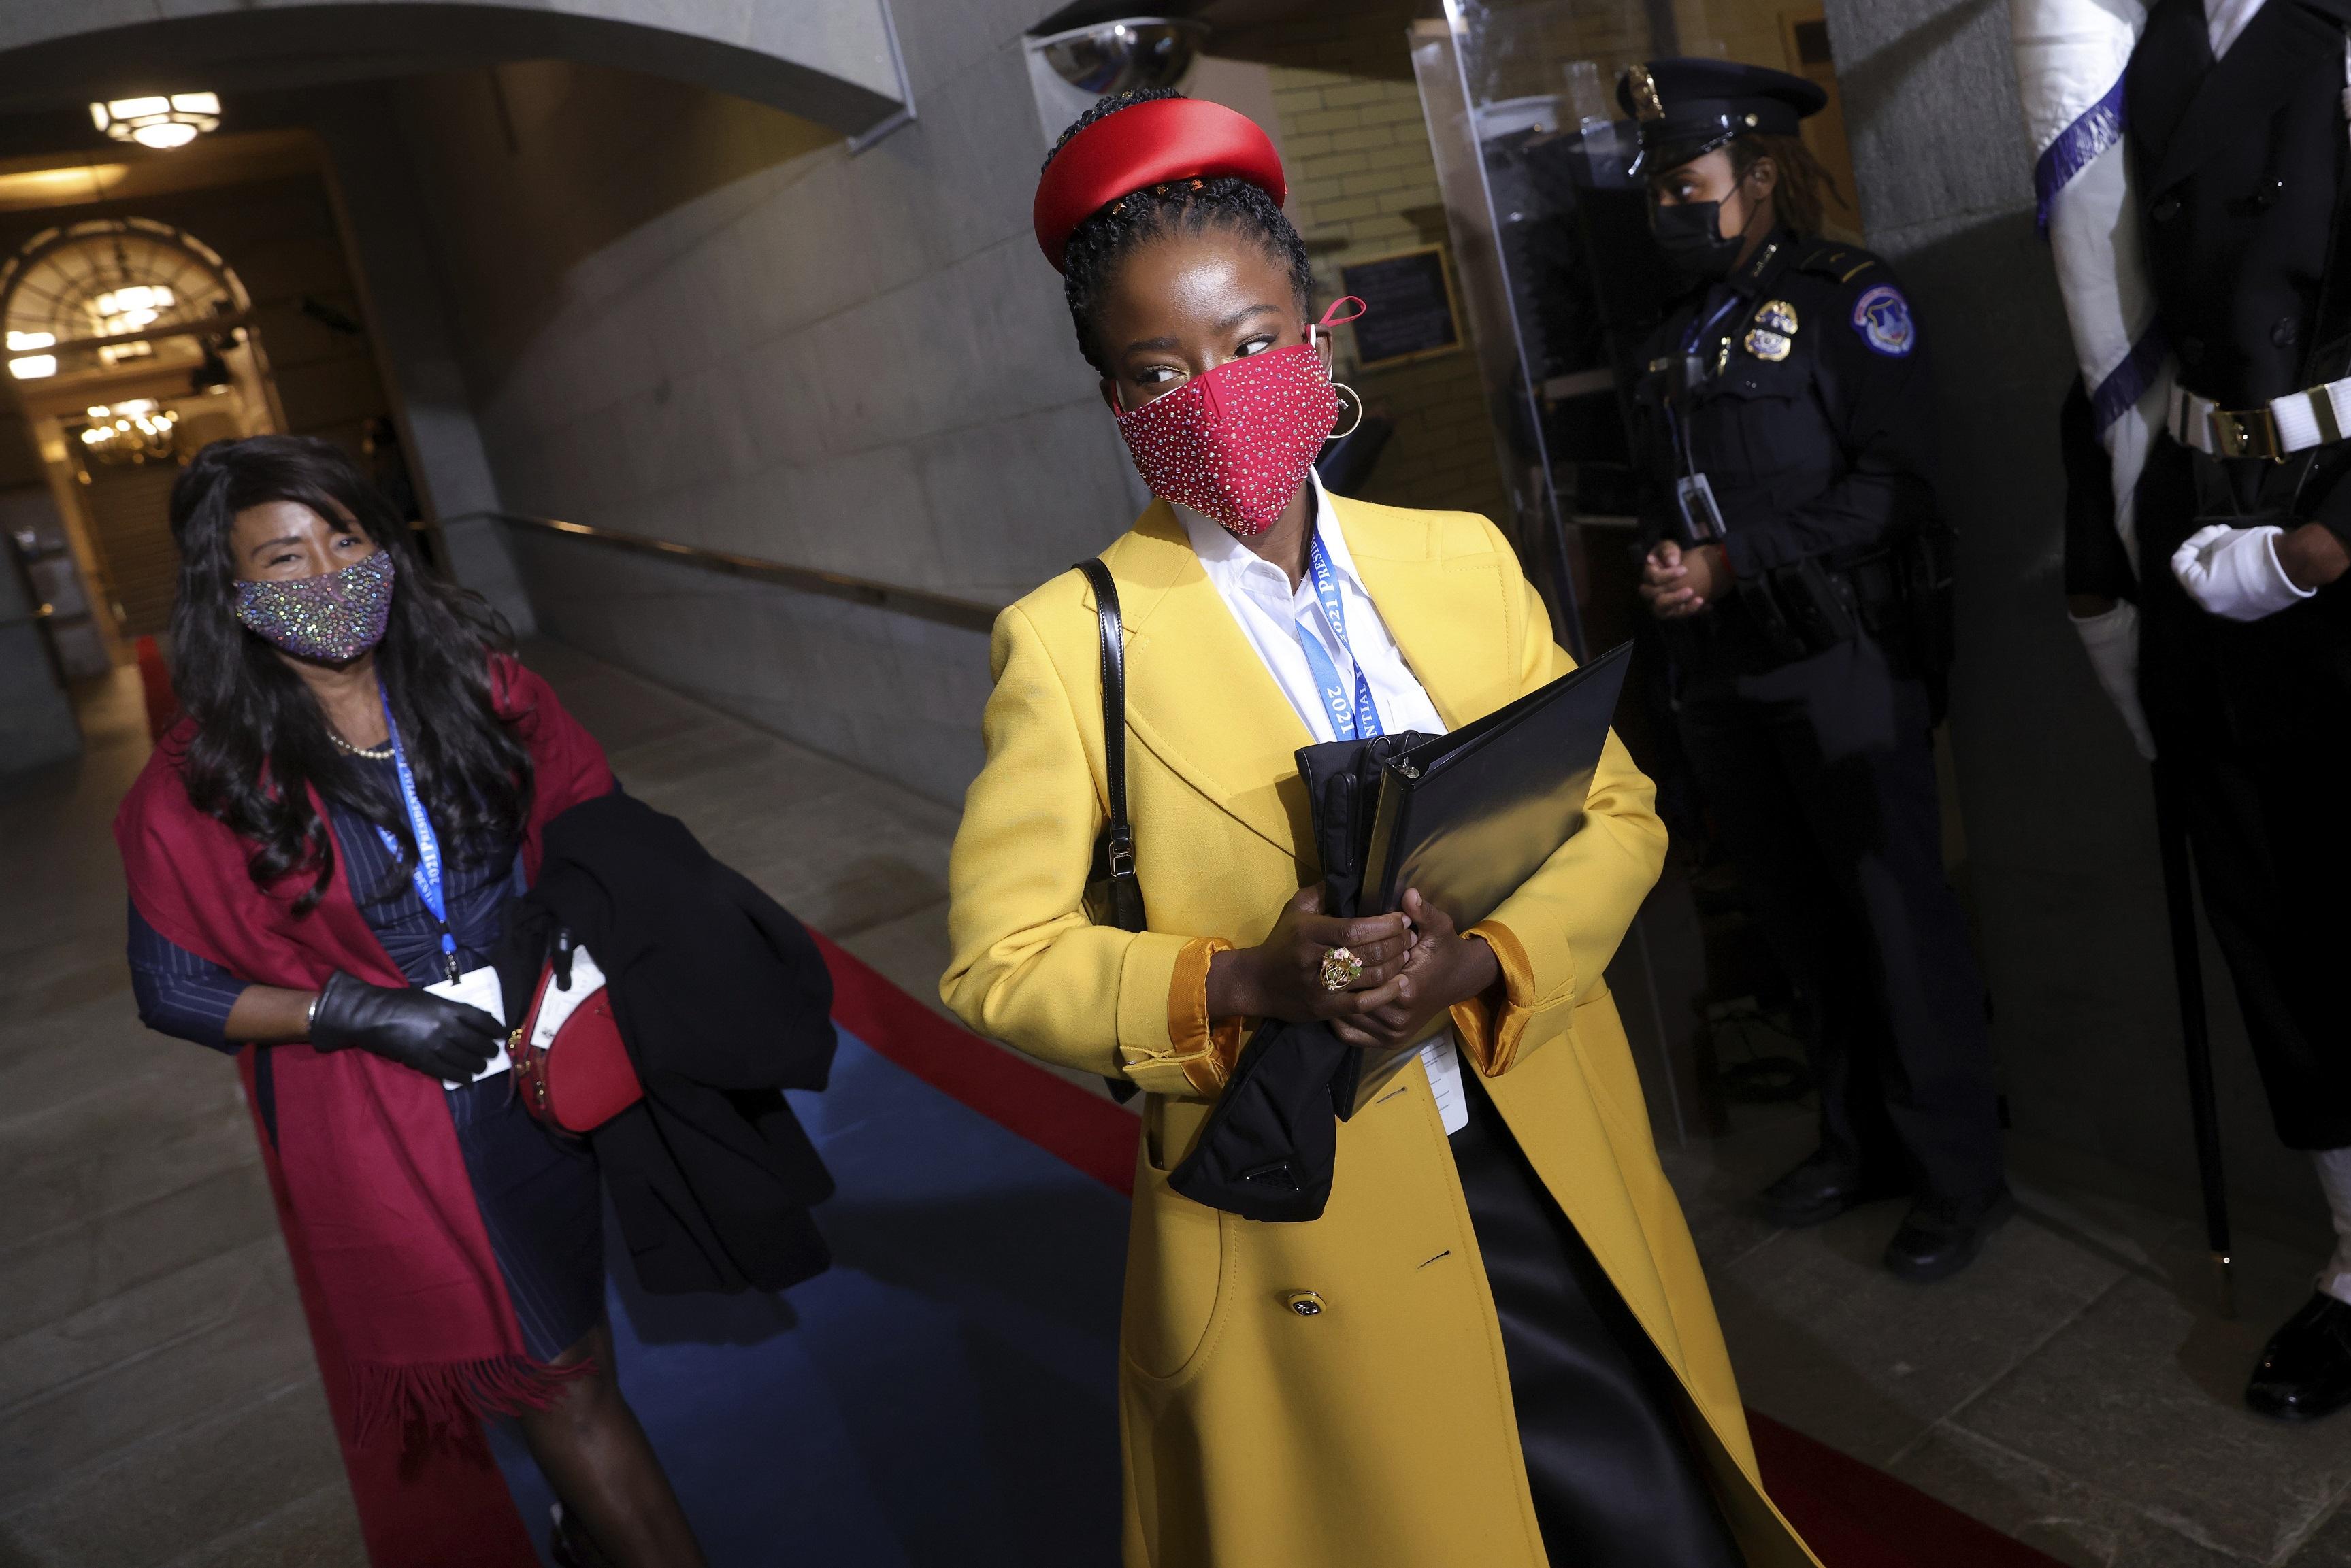 Amanda Gorman, la joven que leyó un poema lleno de esperanza durante la ceremonia, optó por abrigo amarillo brillante. (AP)